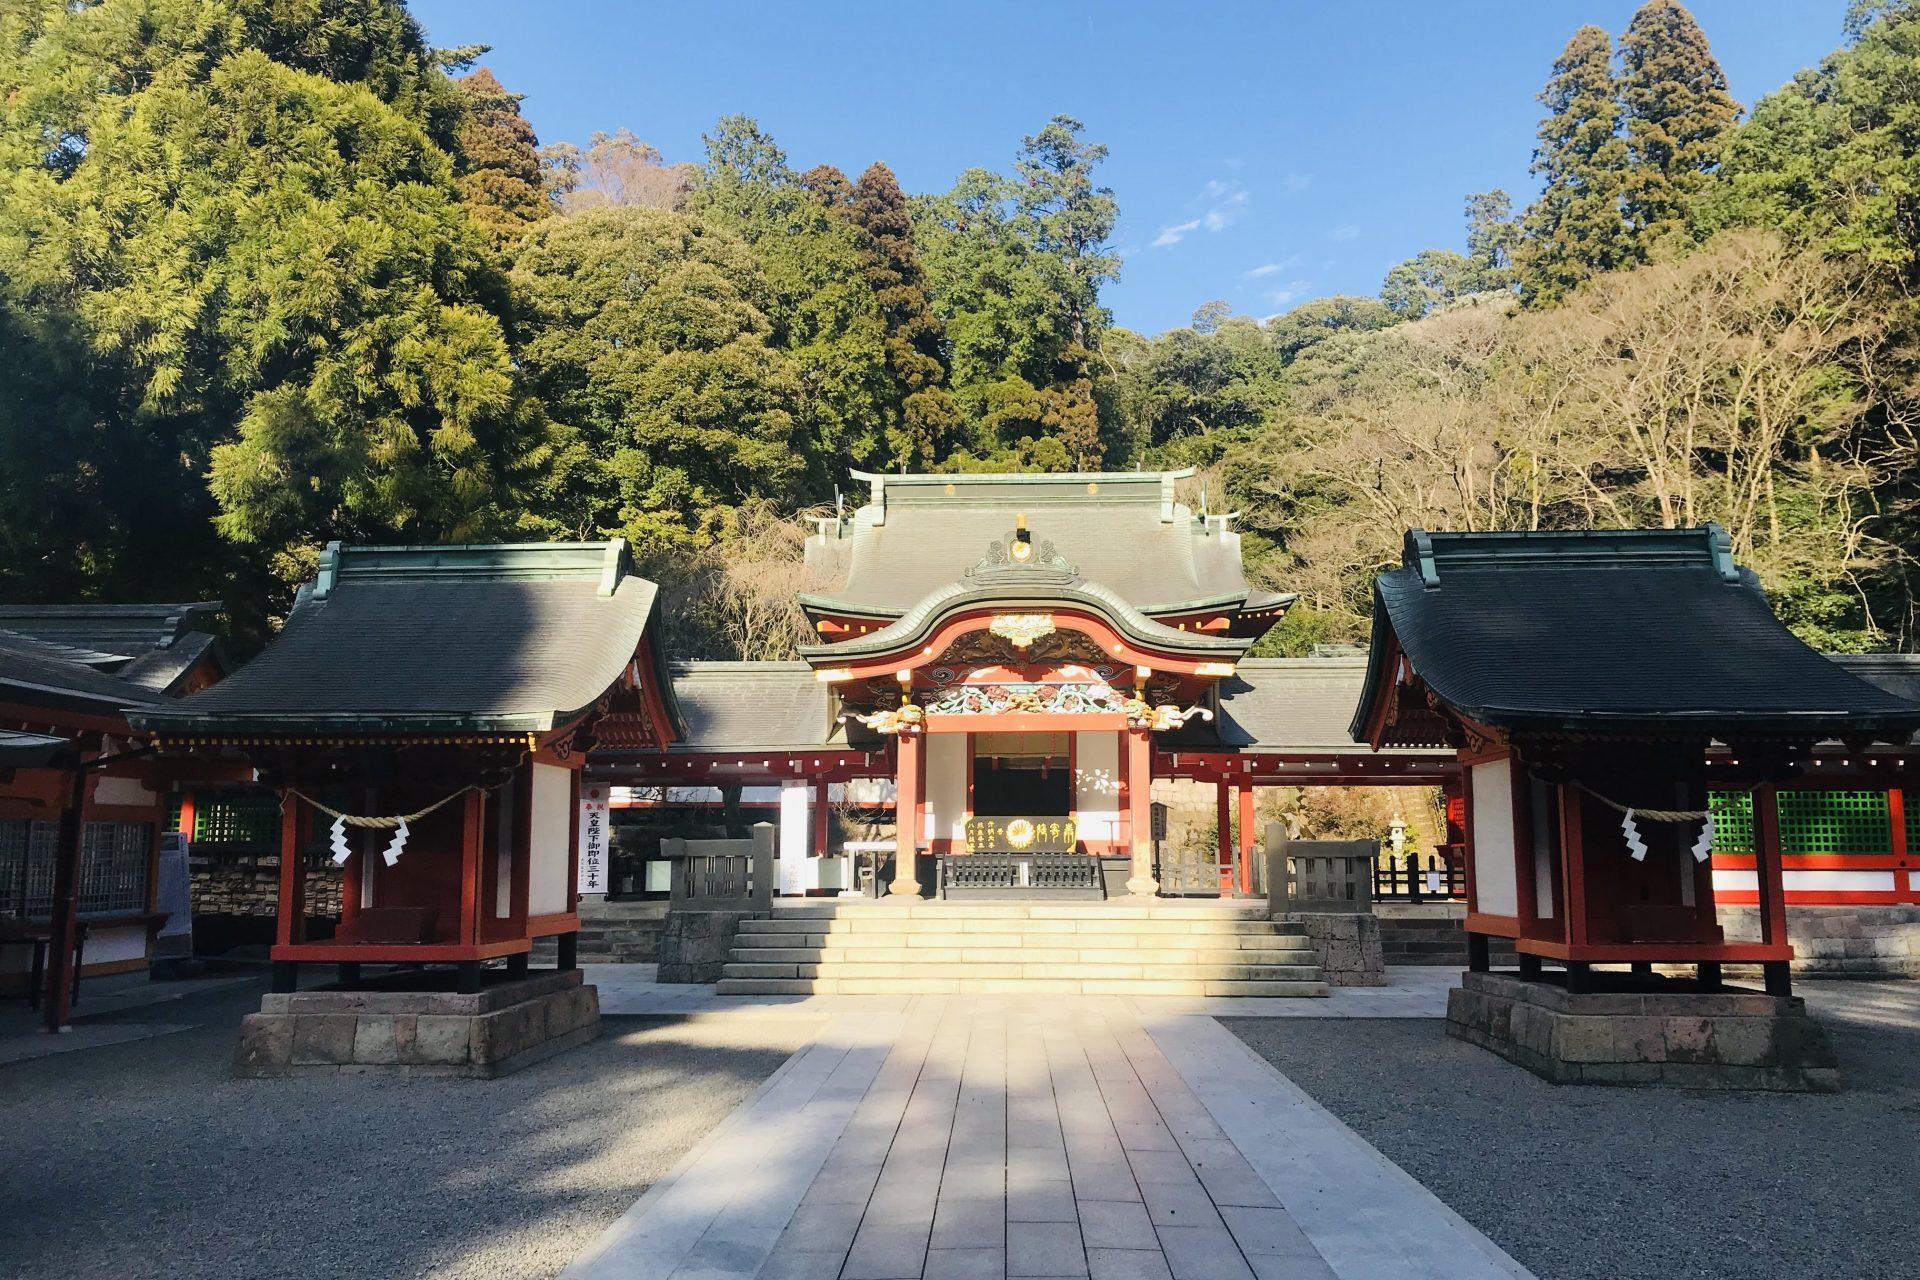 霧島神宮 鹿児島県 九州 有名 神社 おすすめ 観光 旅行 歴史